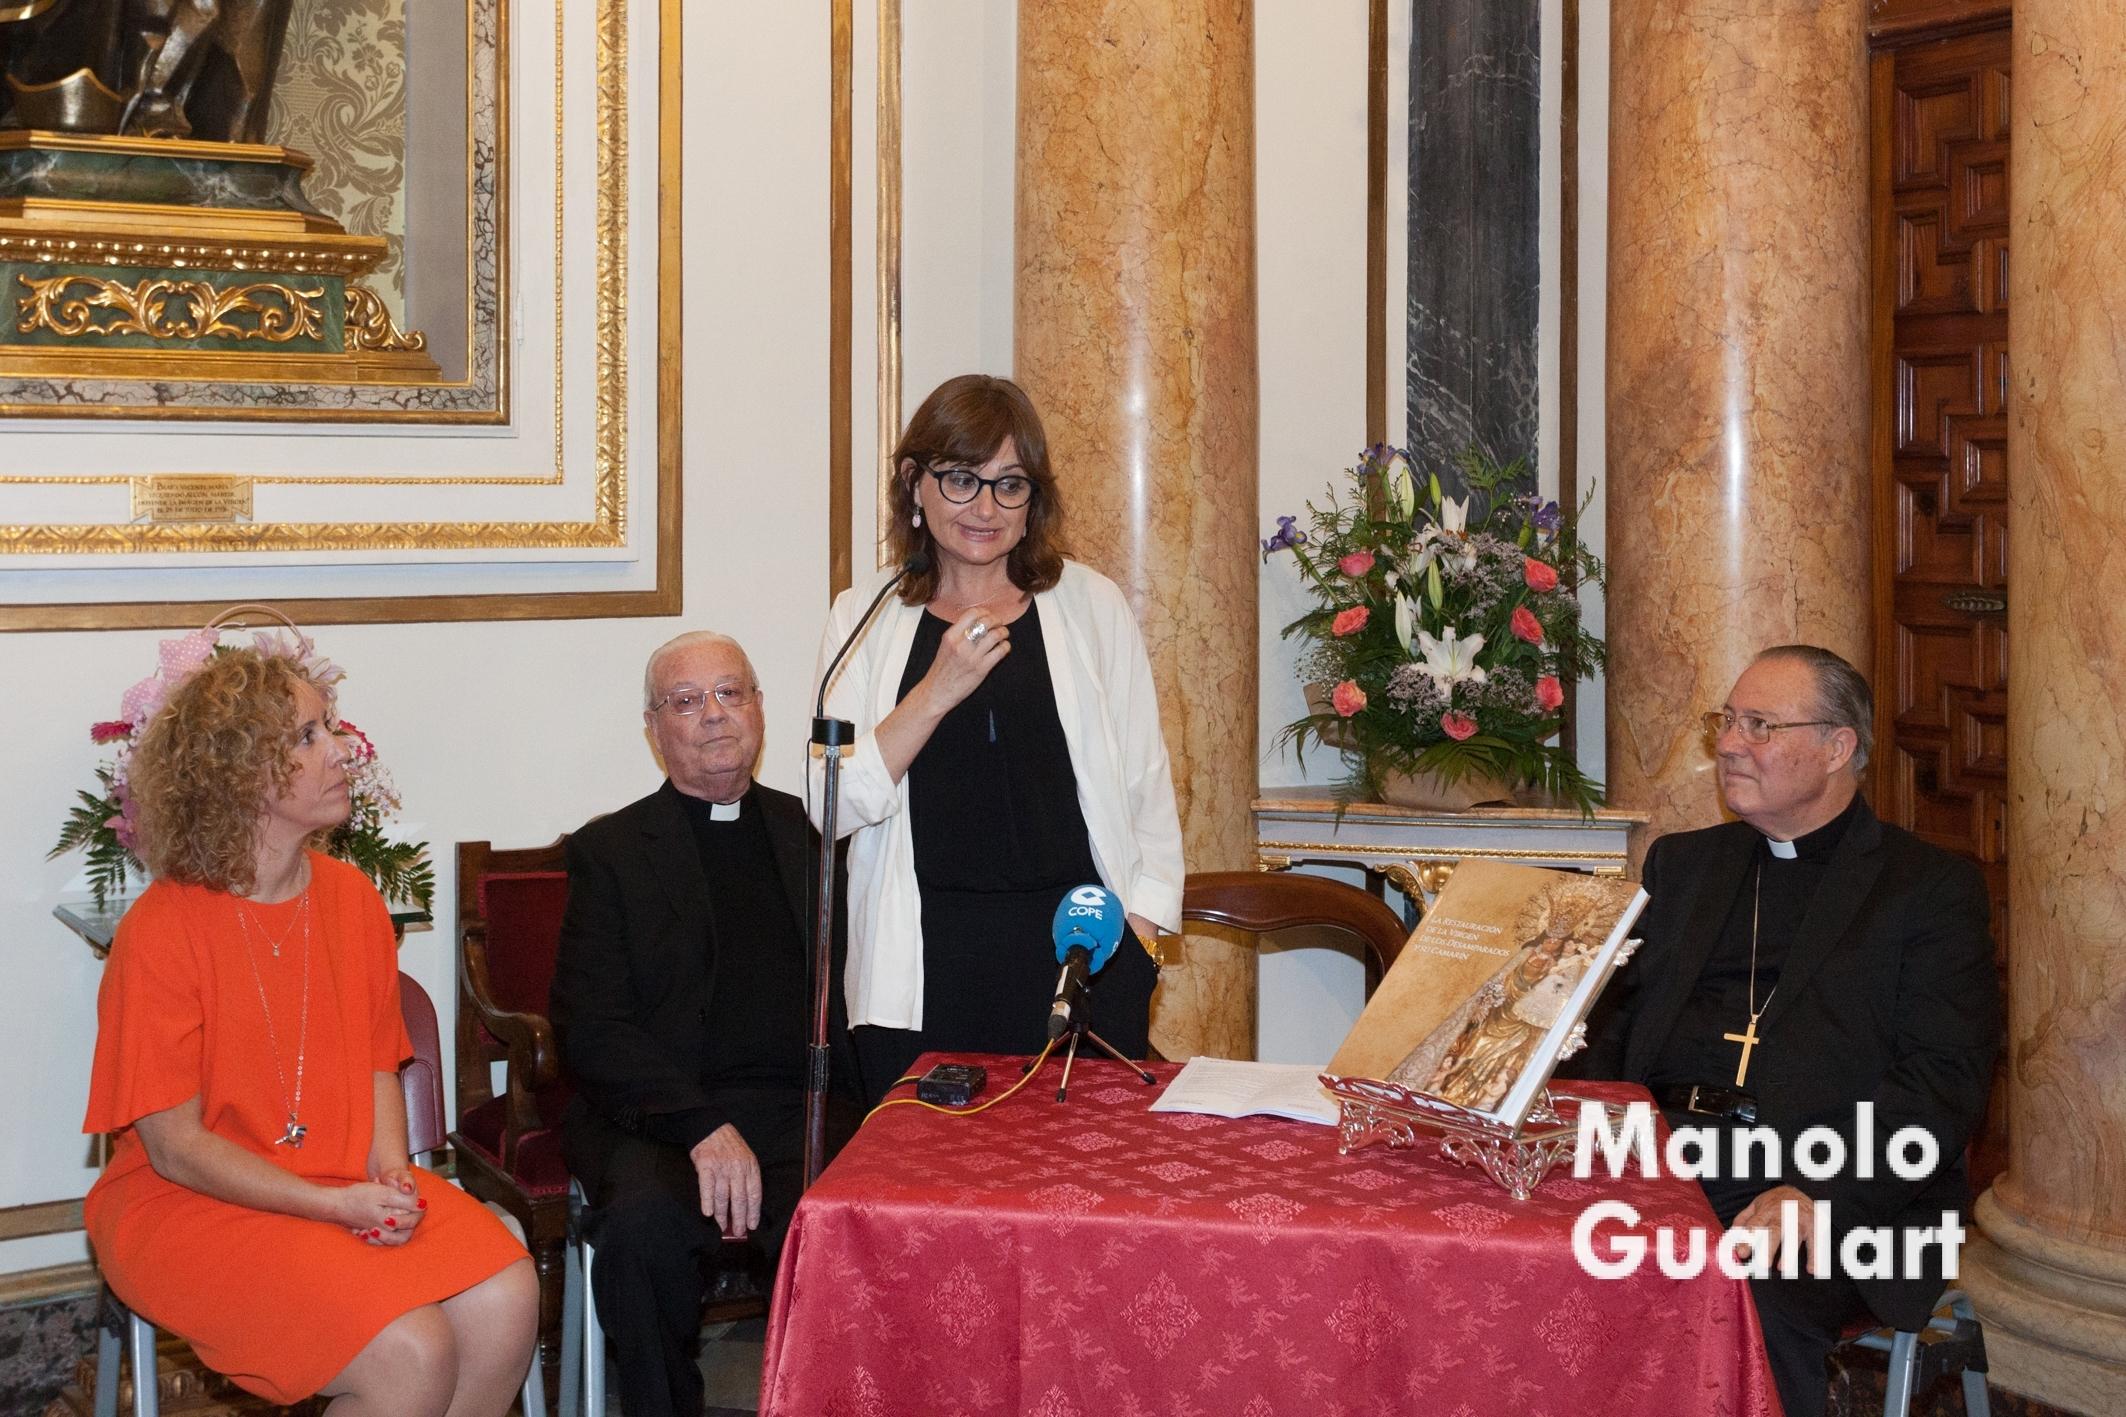 Carmen Amoraga expresando su satisfacción por el libro presentado en el camarín de la Virgen. Foto de Manolo Guallart.